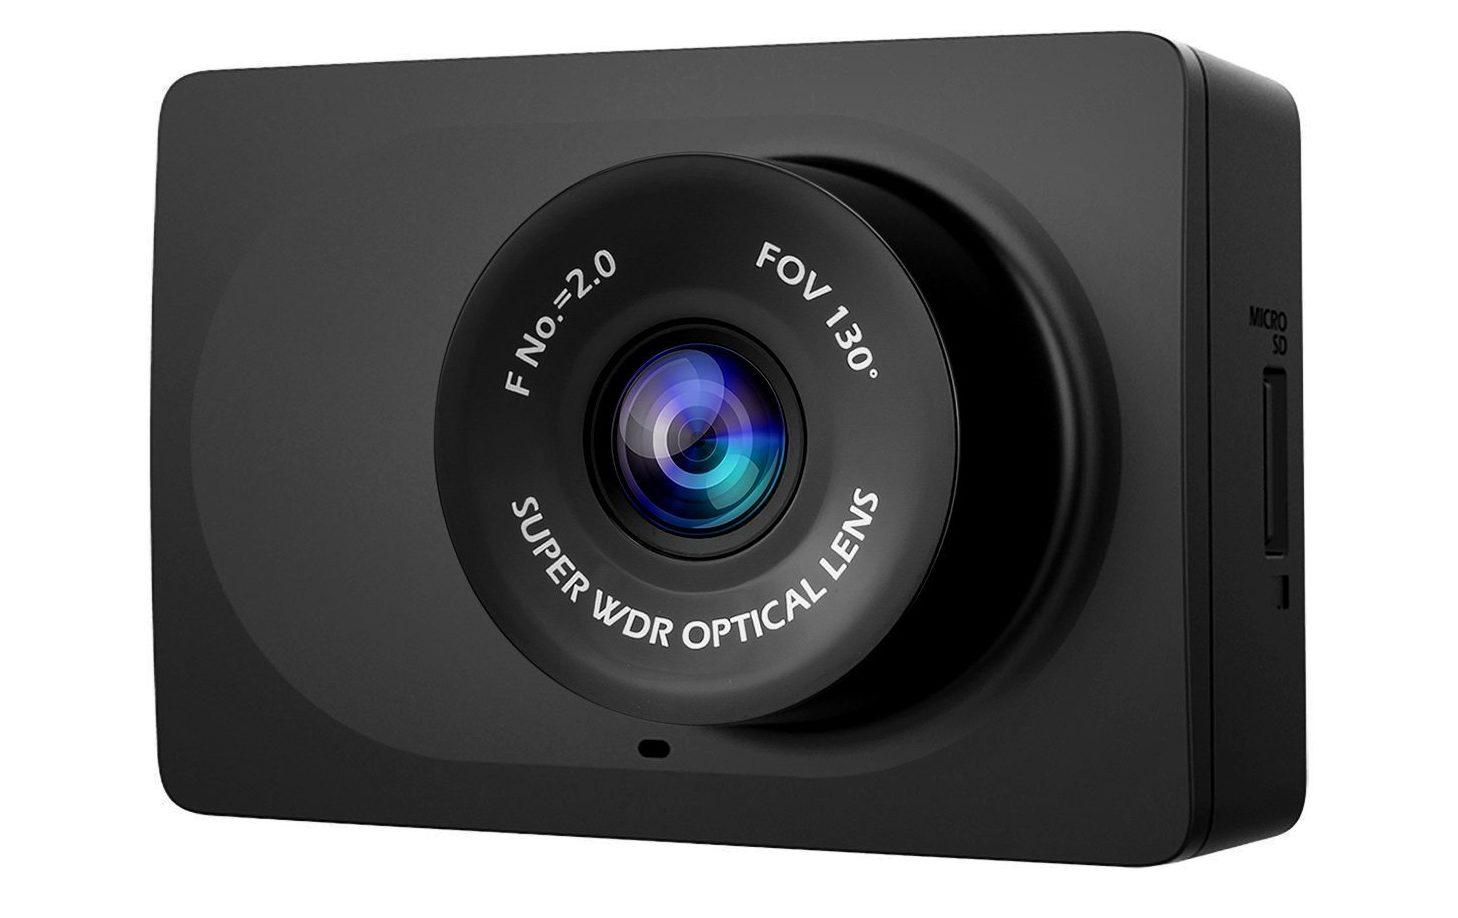 yi dash camera compact